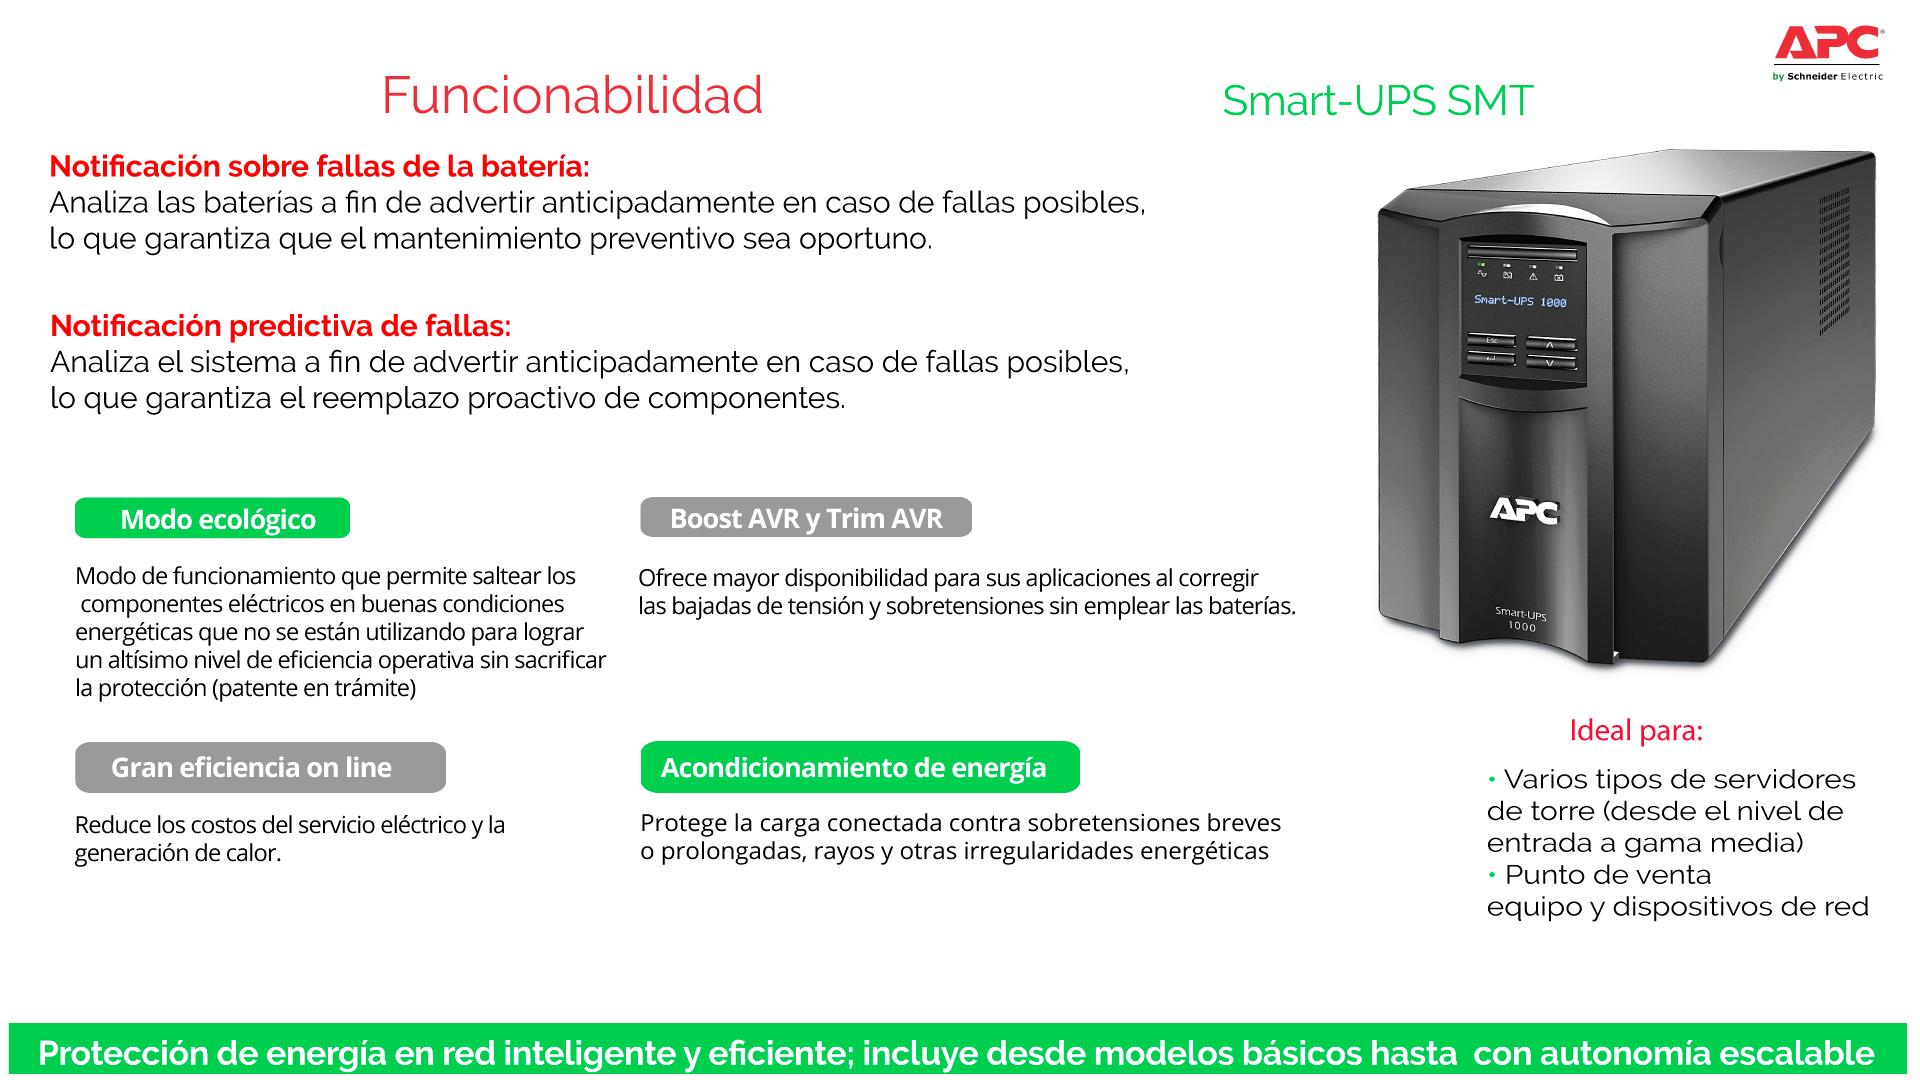 smartups Smt